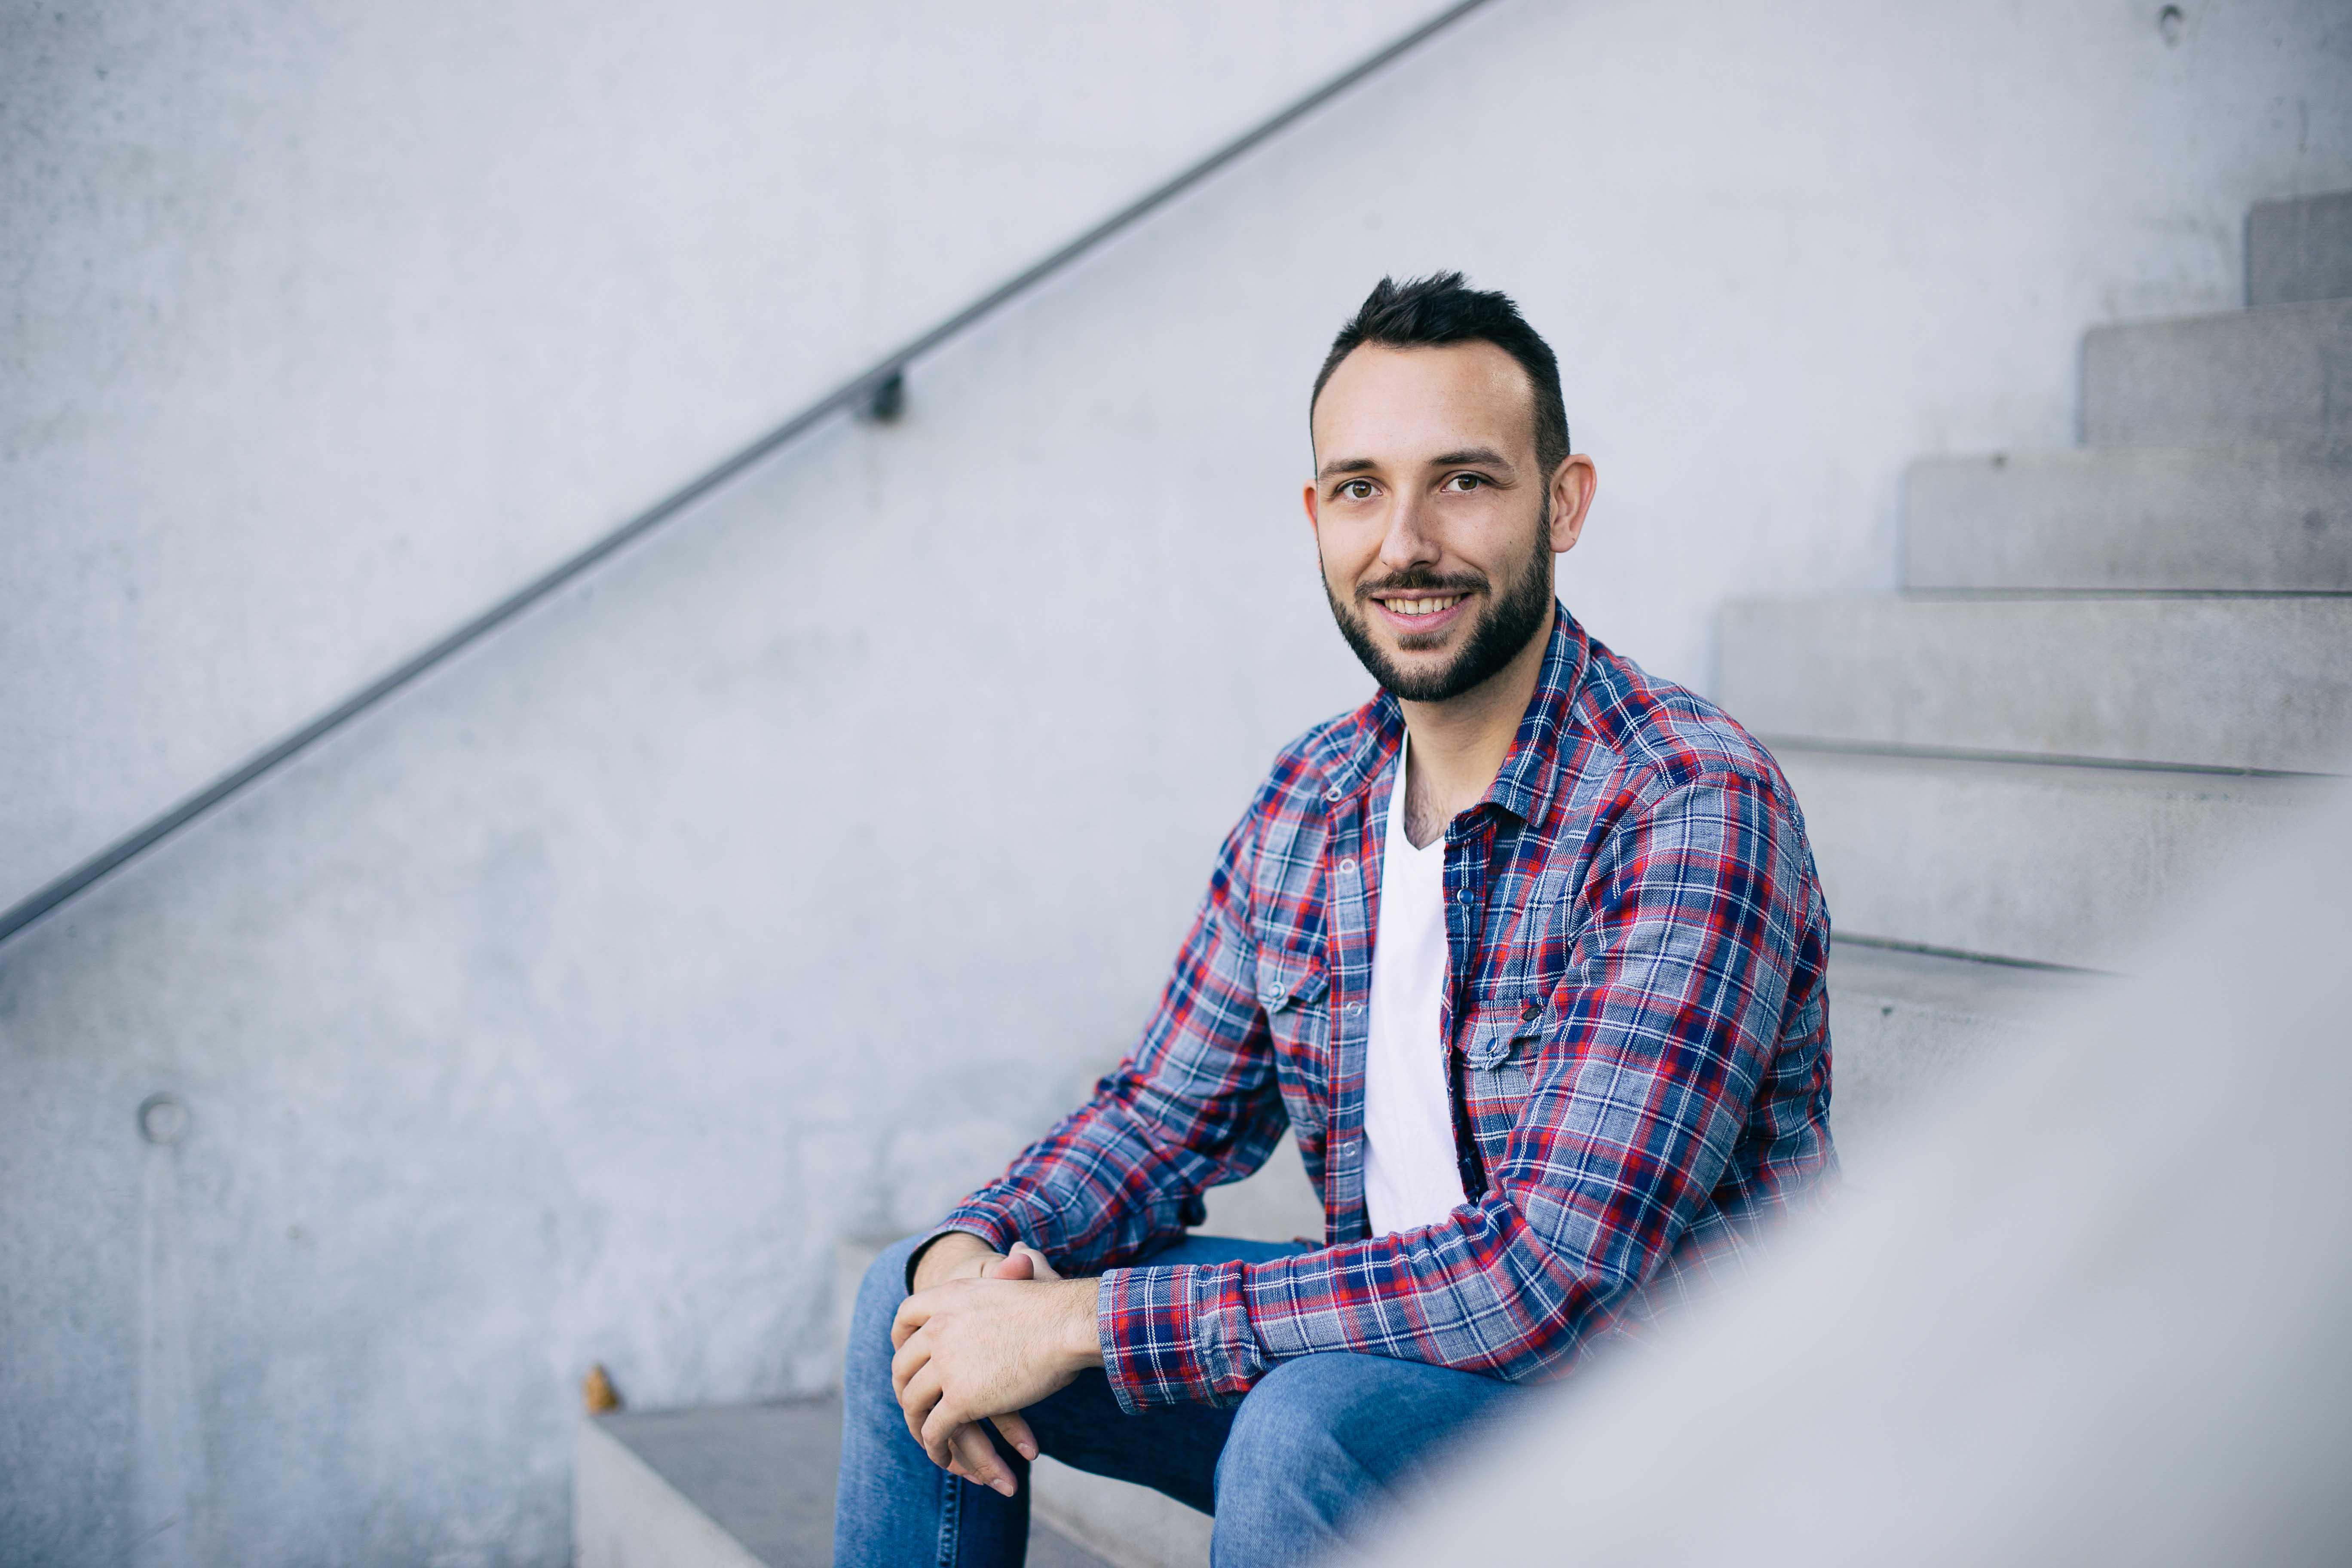 Porträtfoto eines jungen Manns auf einer Treppe sitzend